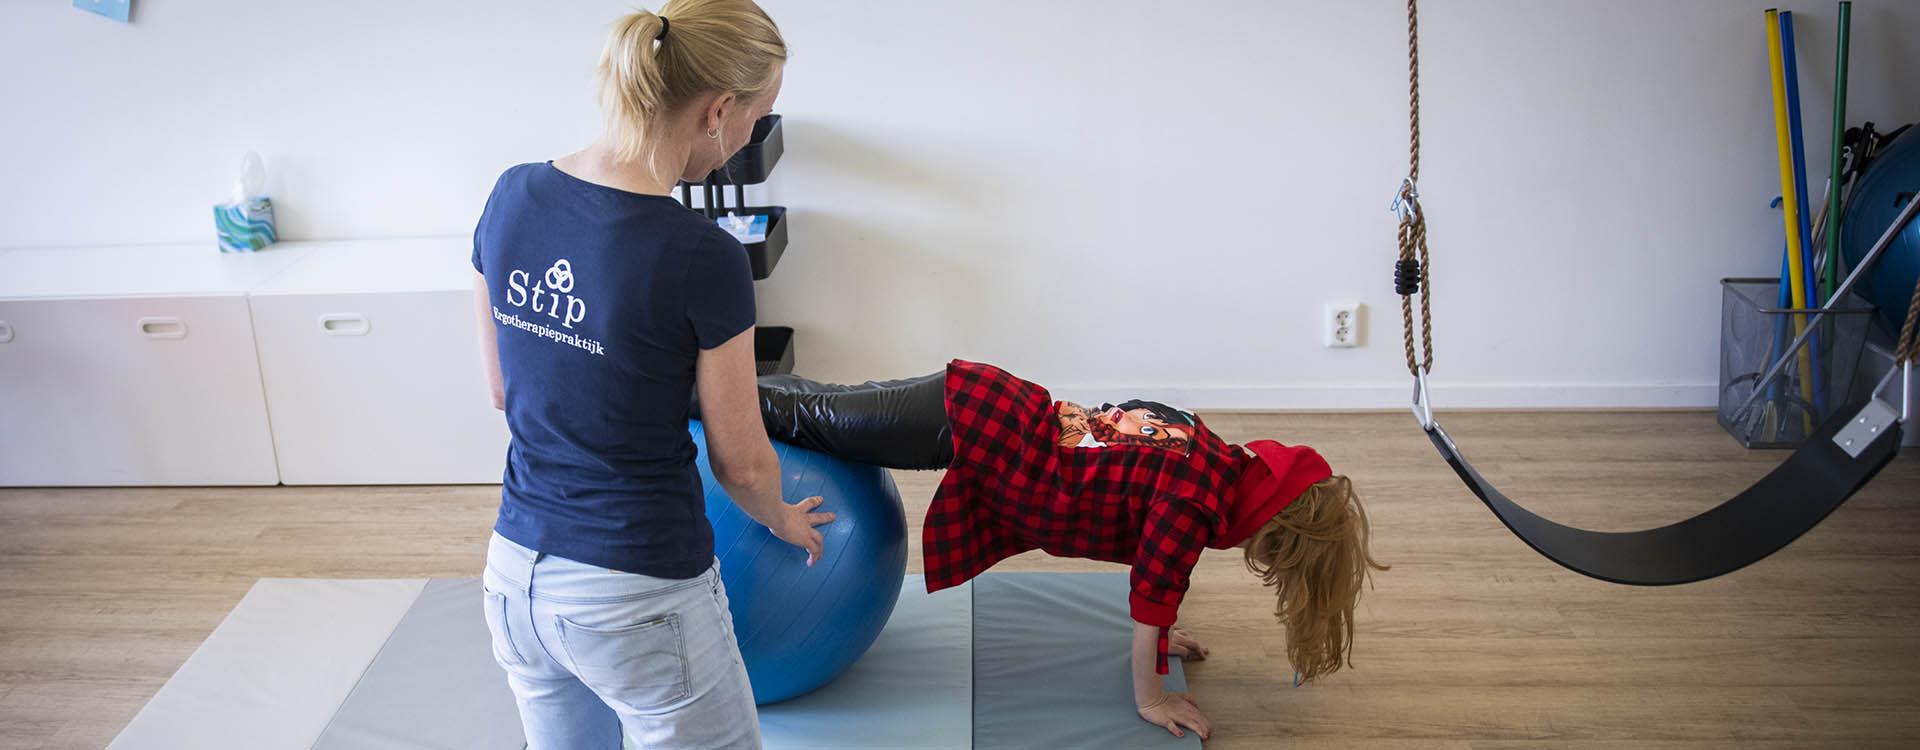 Ergotherapiepraktijk Stip Behandeling kind